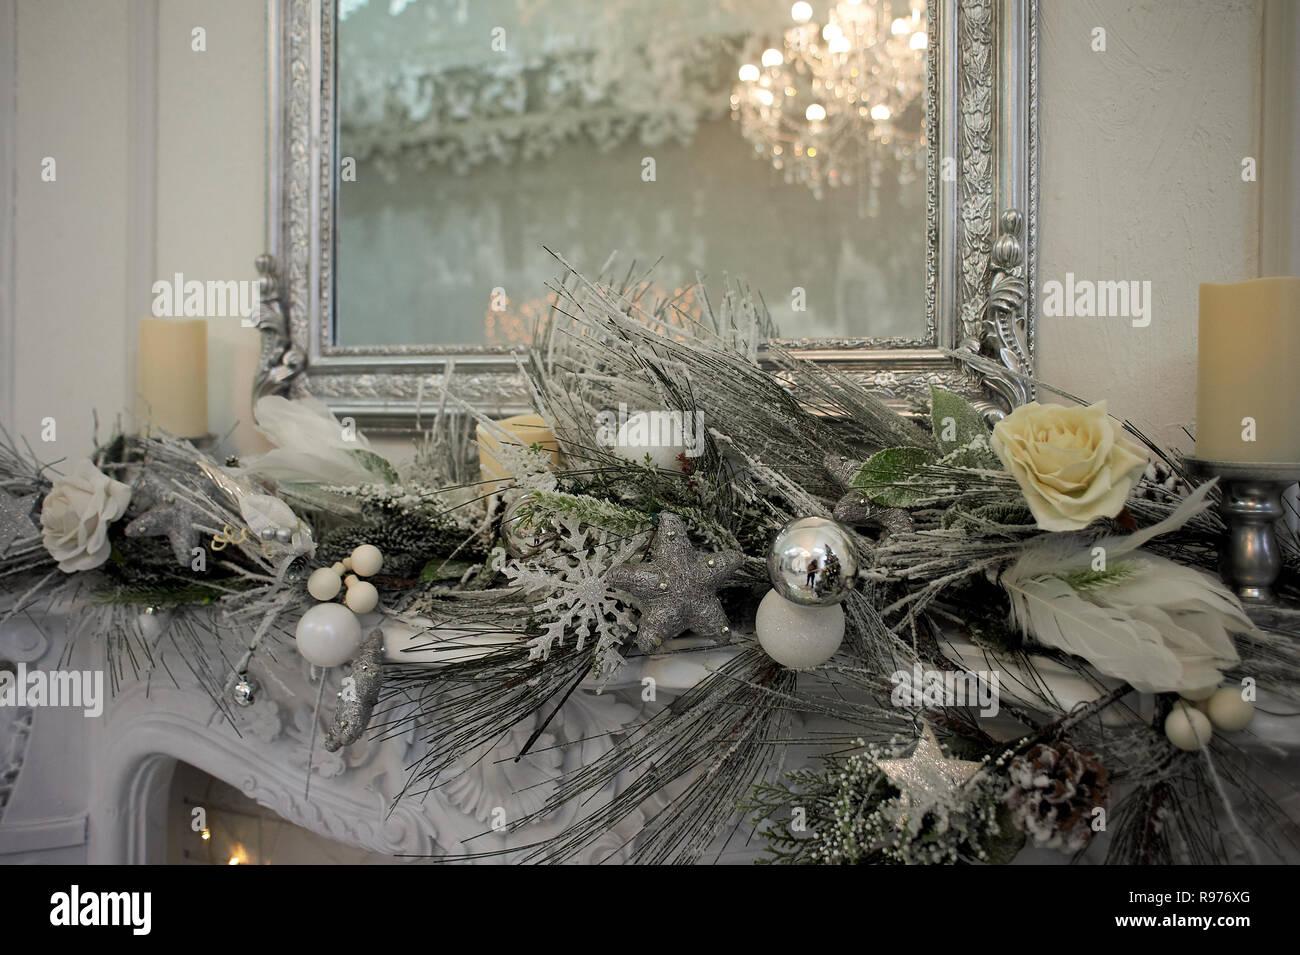 Reflexion der Kronleuchter in den Spiegel. Silver-tone Gamma. Home Dekoration für das neue Jahr Stockbild